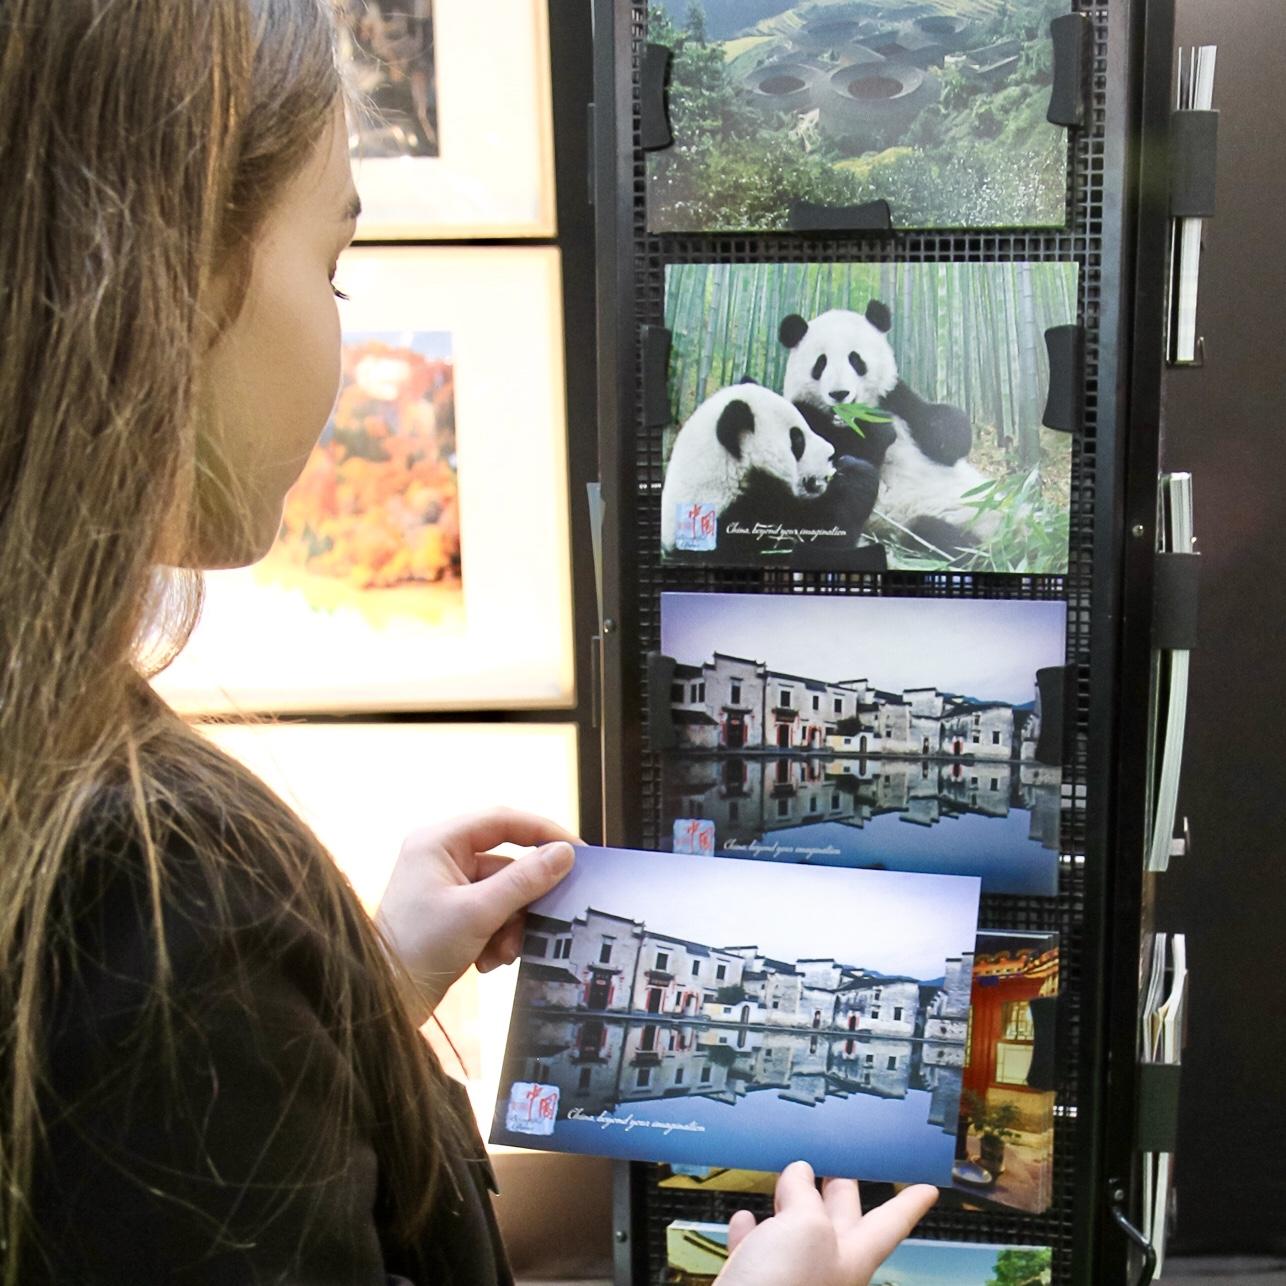 c-06-Carte-a-Voyager-cartes-postales-gratuites-offertes-visiteurs-salons-tourisme-mahana-tourissima-lille-lyon-paris-salon-mondial-du-tourisme-servez-vous